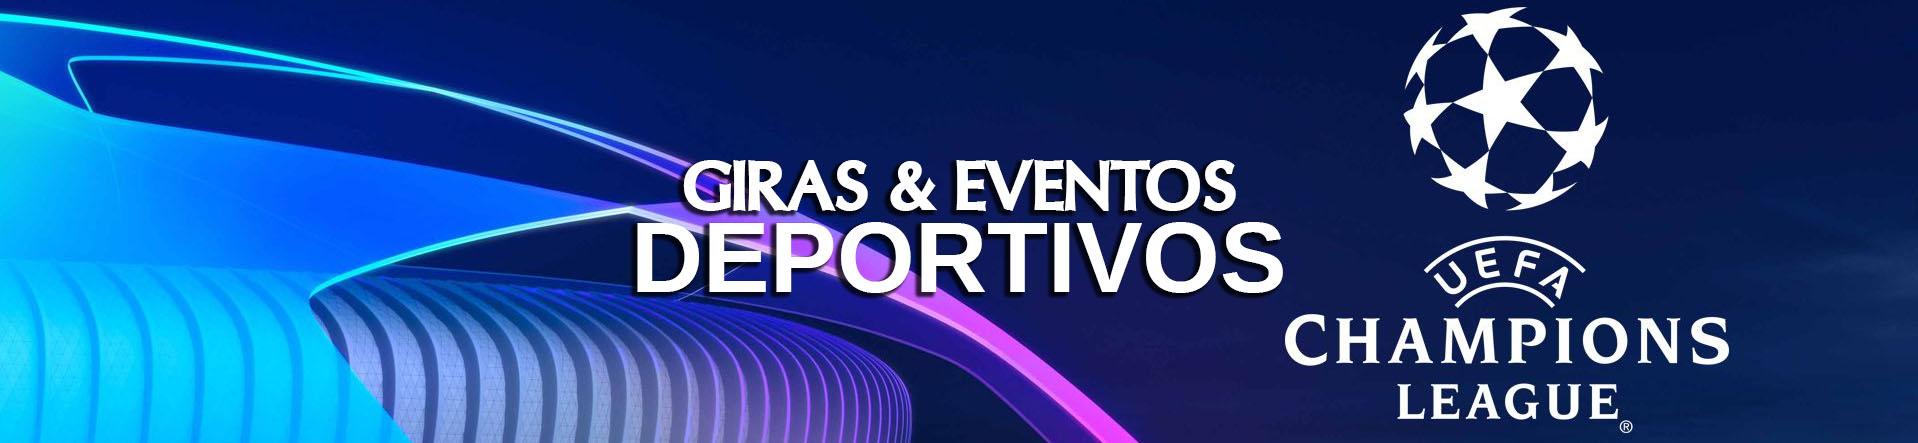 Giras y Eventos desde Argentina